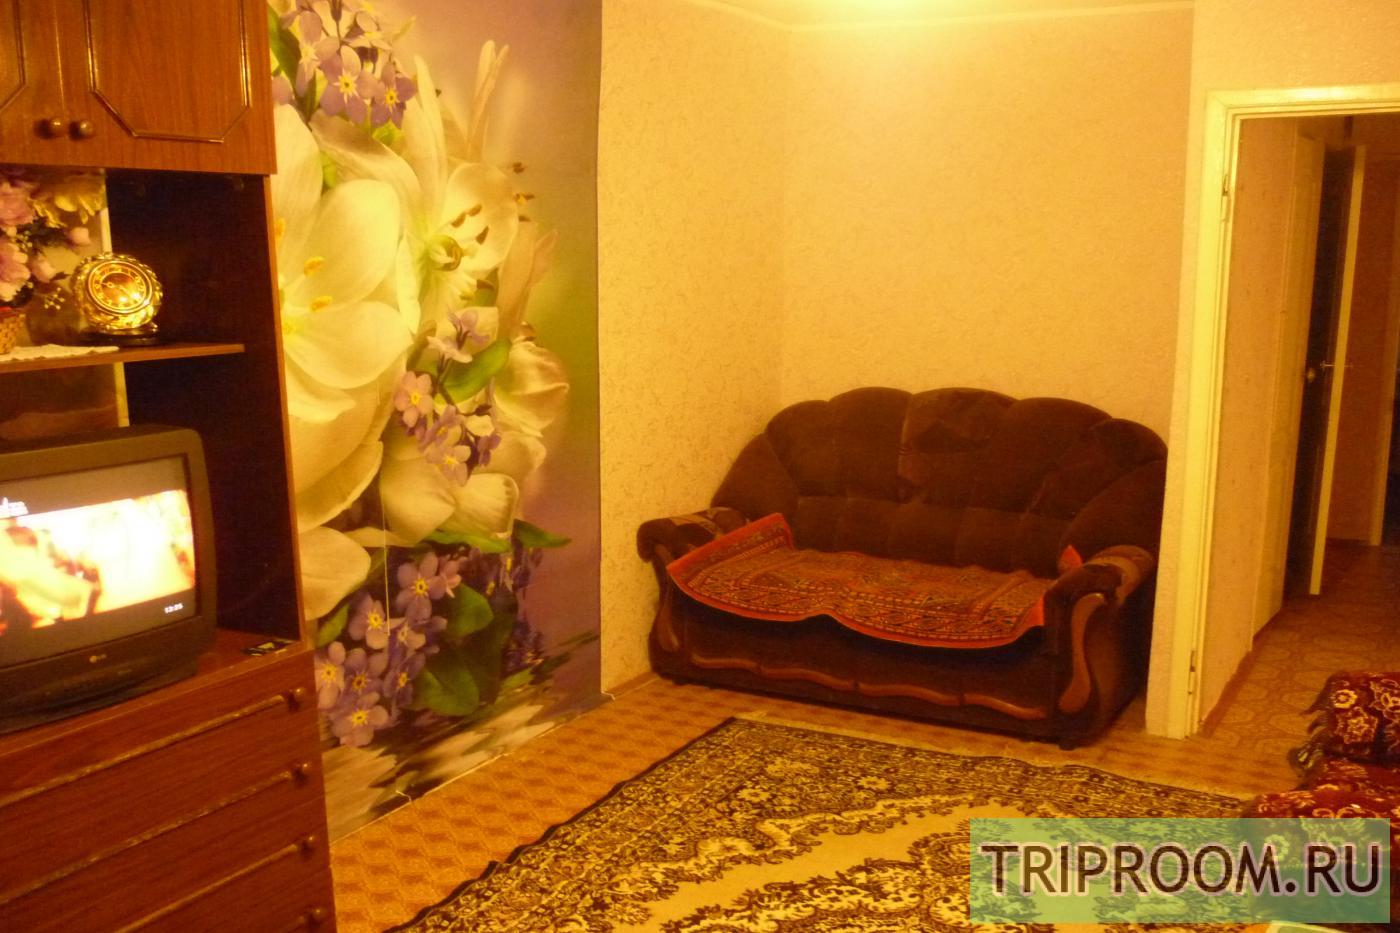 объявлений продаже аренда квартир в назарово красноярского края изготовлению корпусной